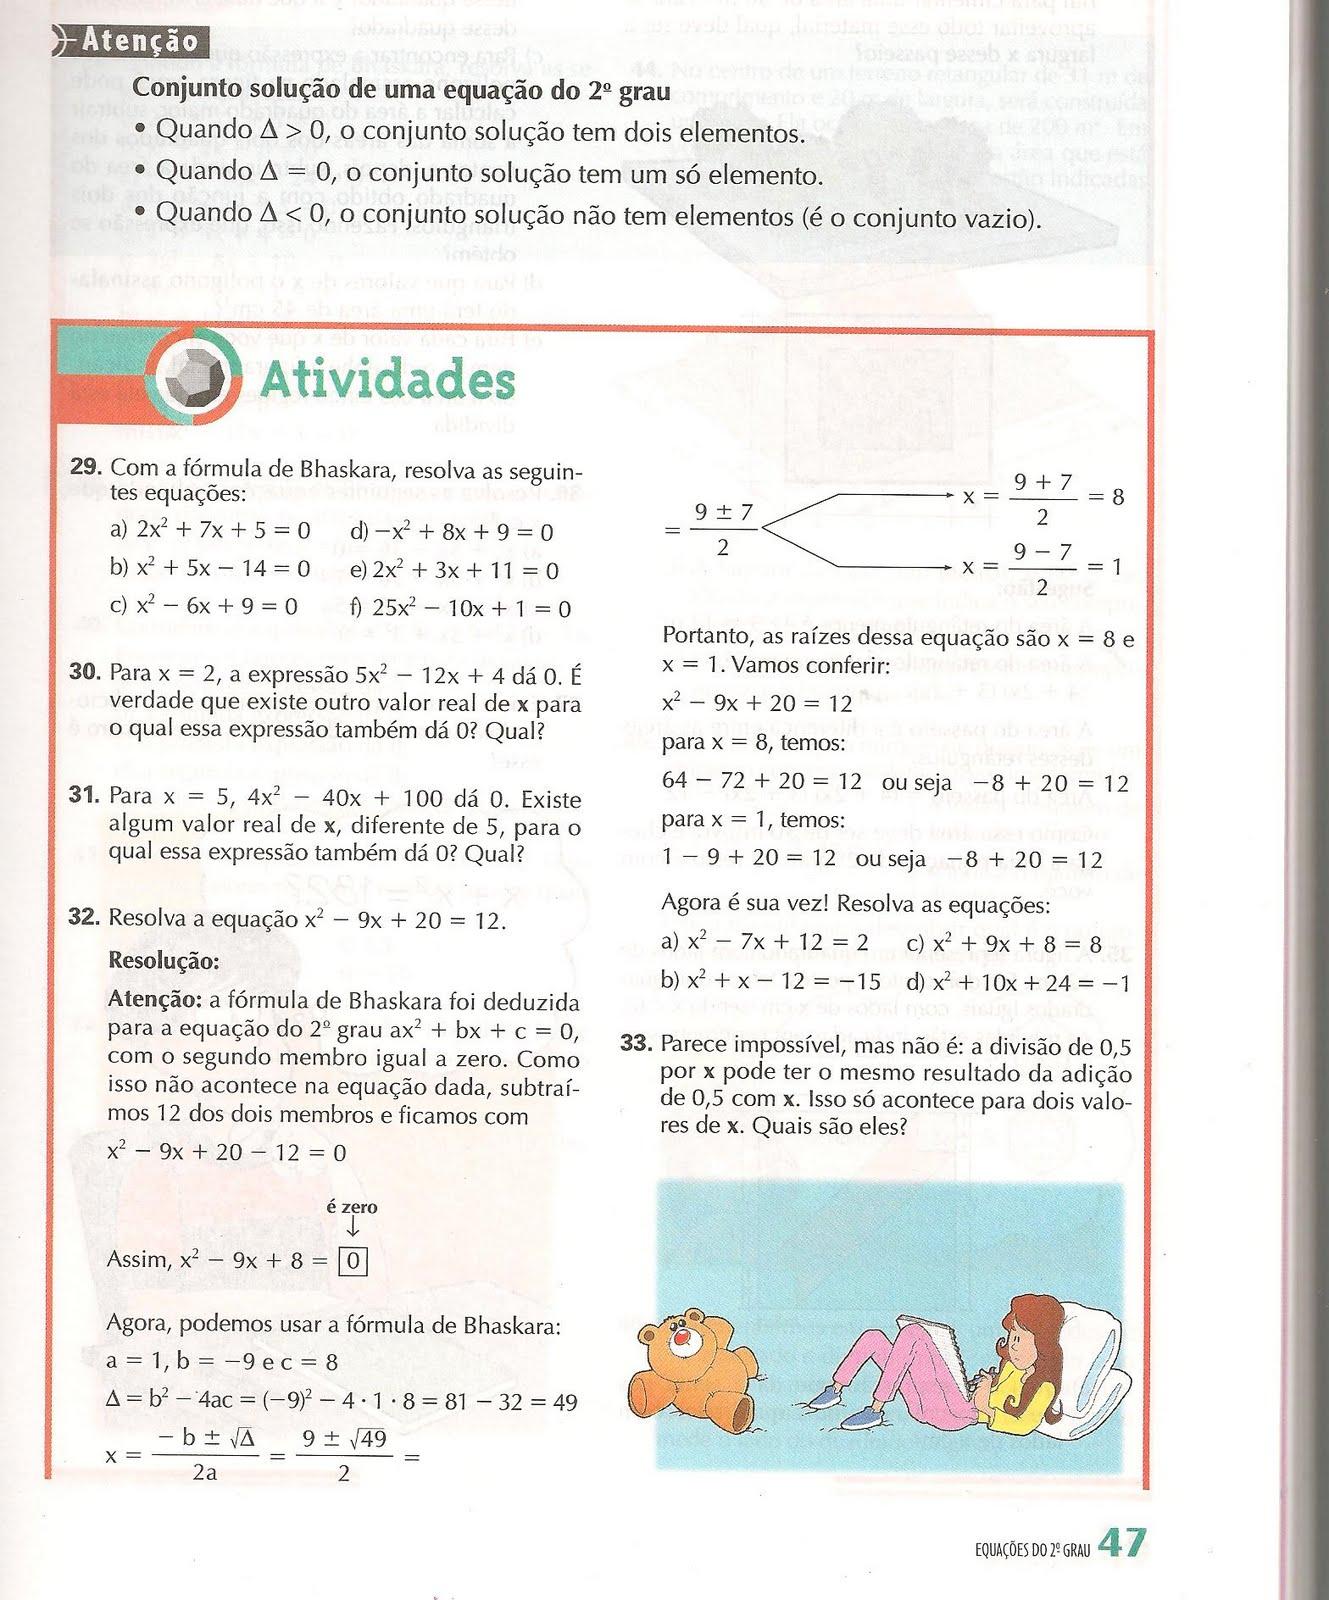 8ª C - Tarefas e Afins: Exercícios de Matemática - Equações do ...